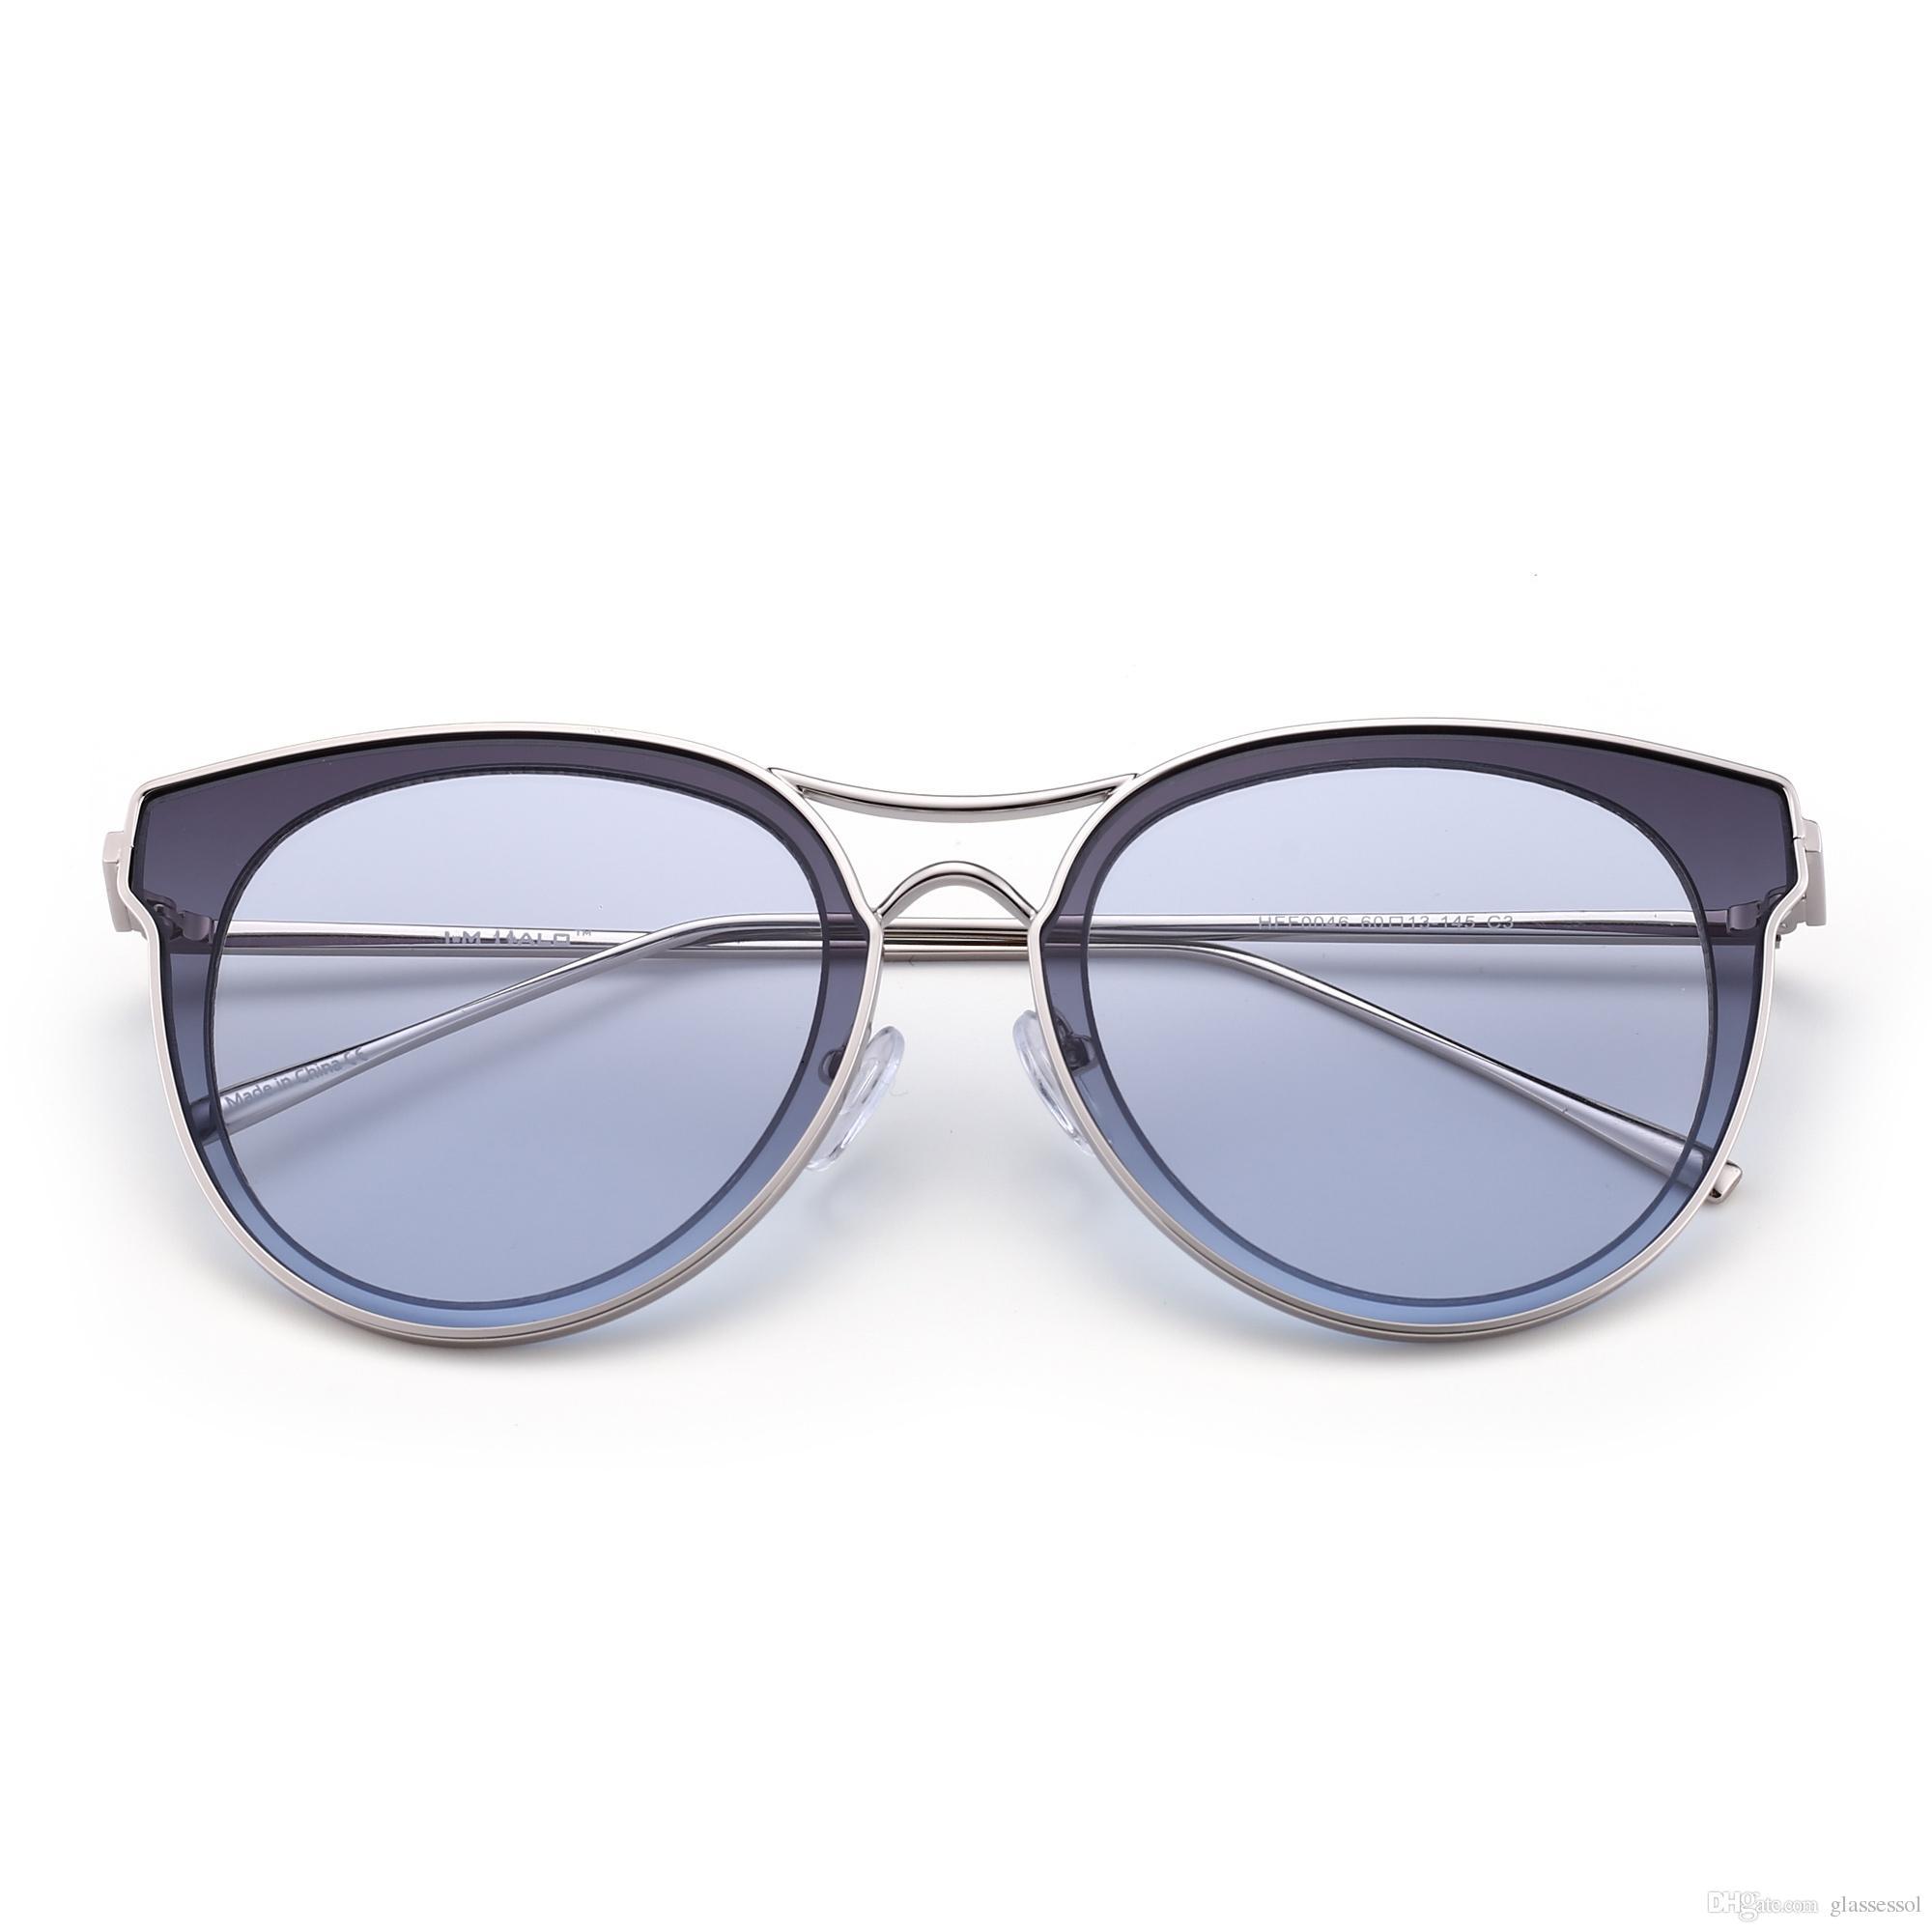 Compre Frete Grátis 2018 Alta Qualidade Marca Óculos De Sol Homens Moda  Evidence Óculos De Sol Designer De Desgaste Dos Olhos Para Homens Mulheres  Óculos De ... 70f839f467